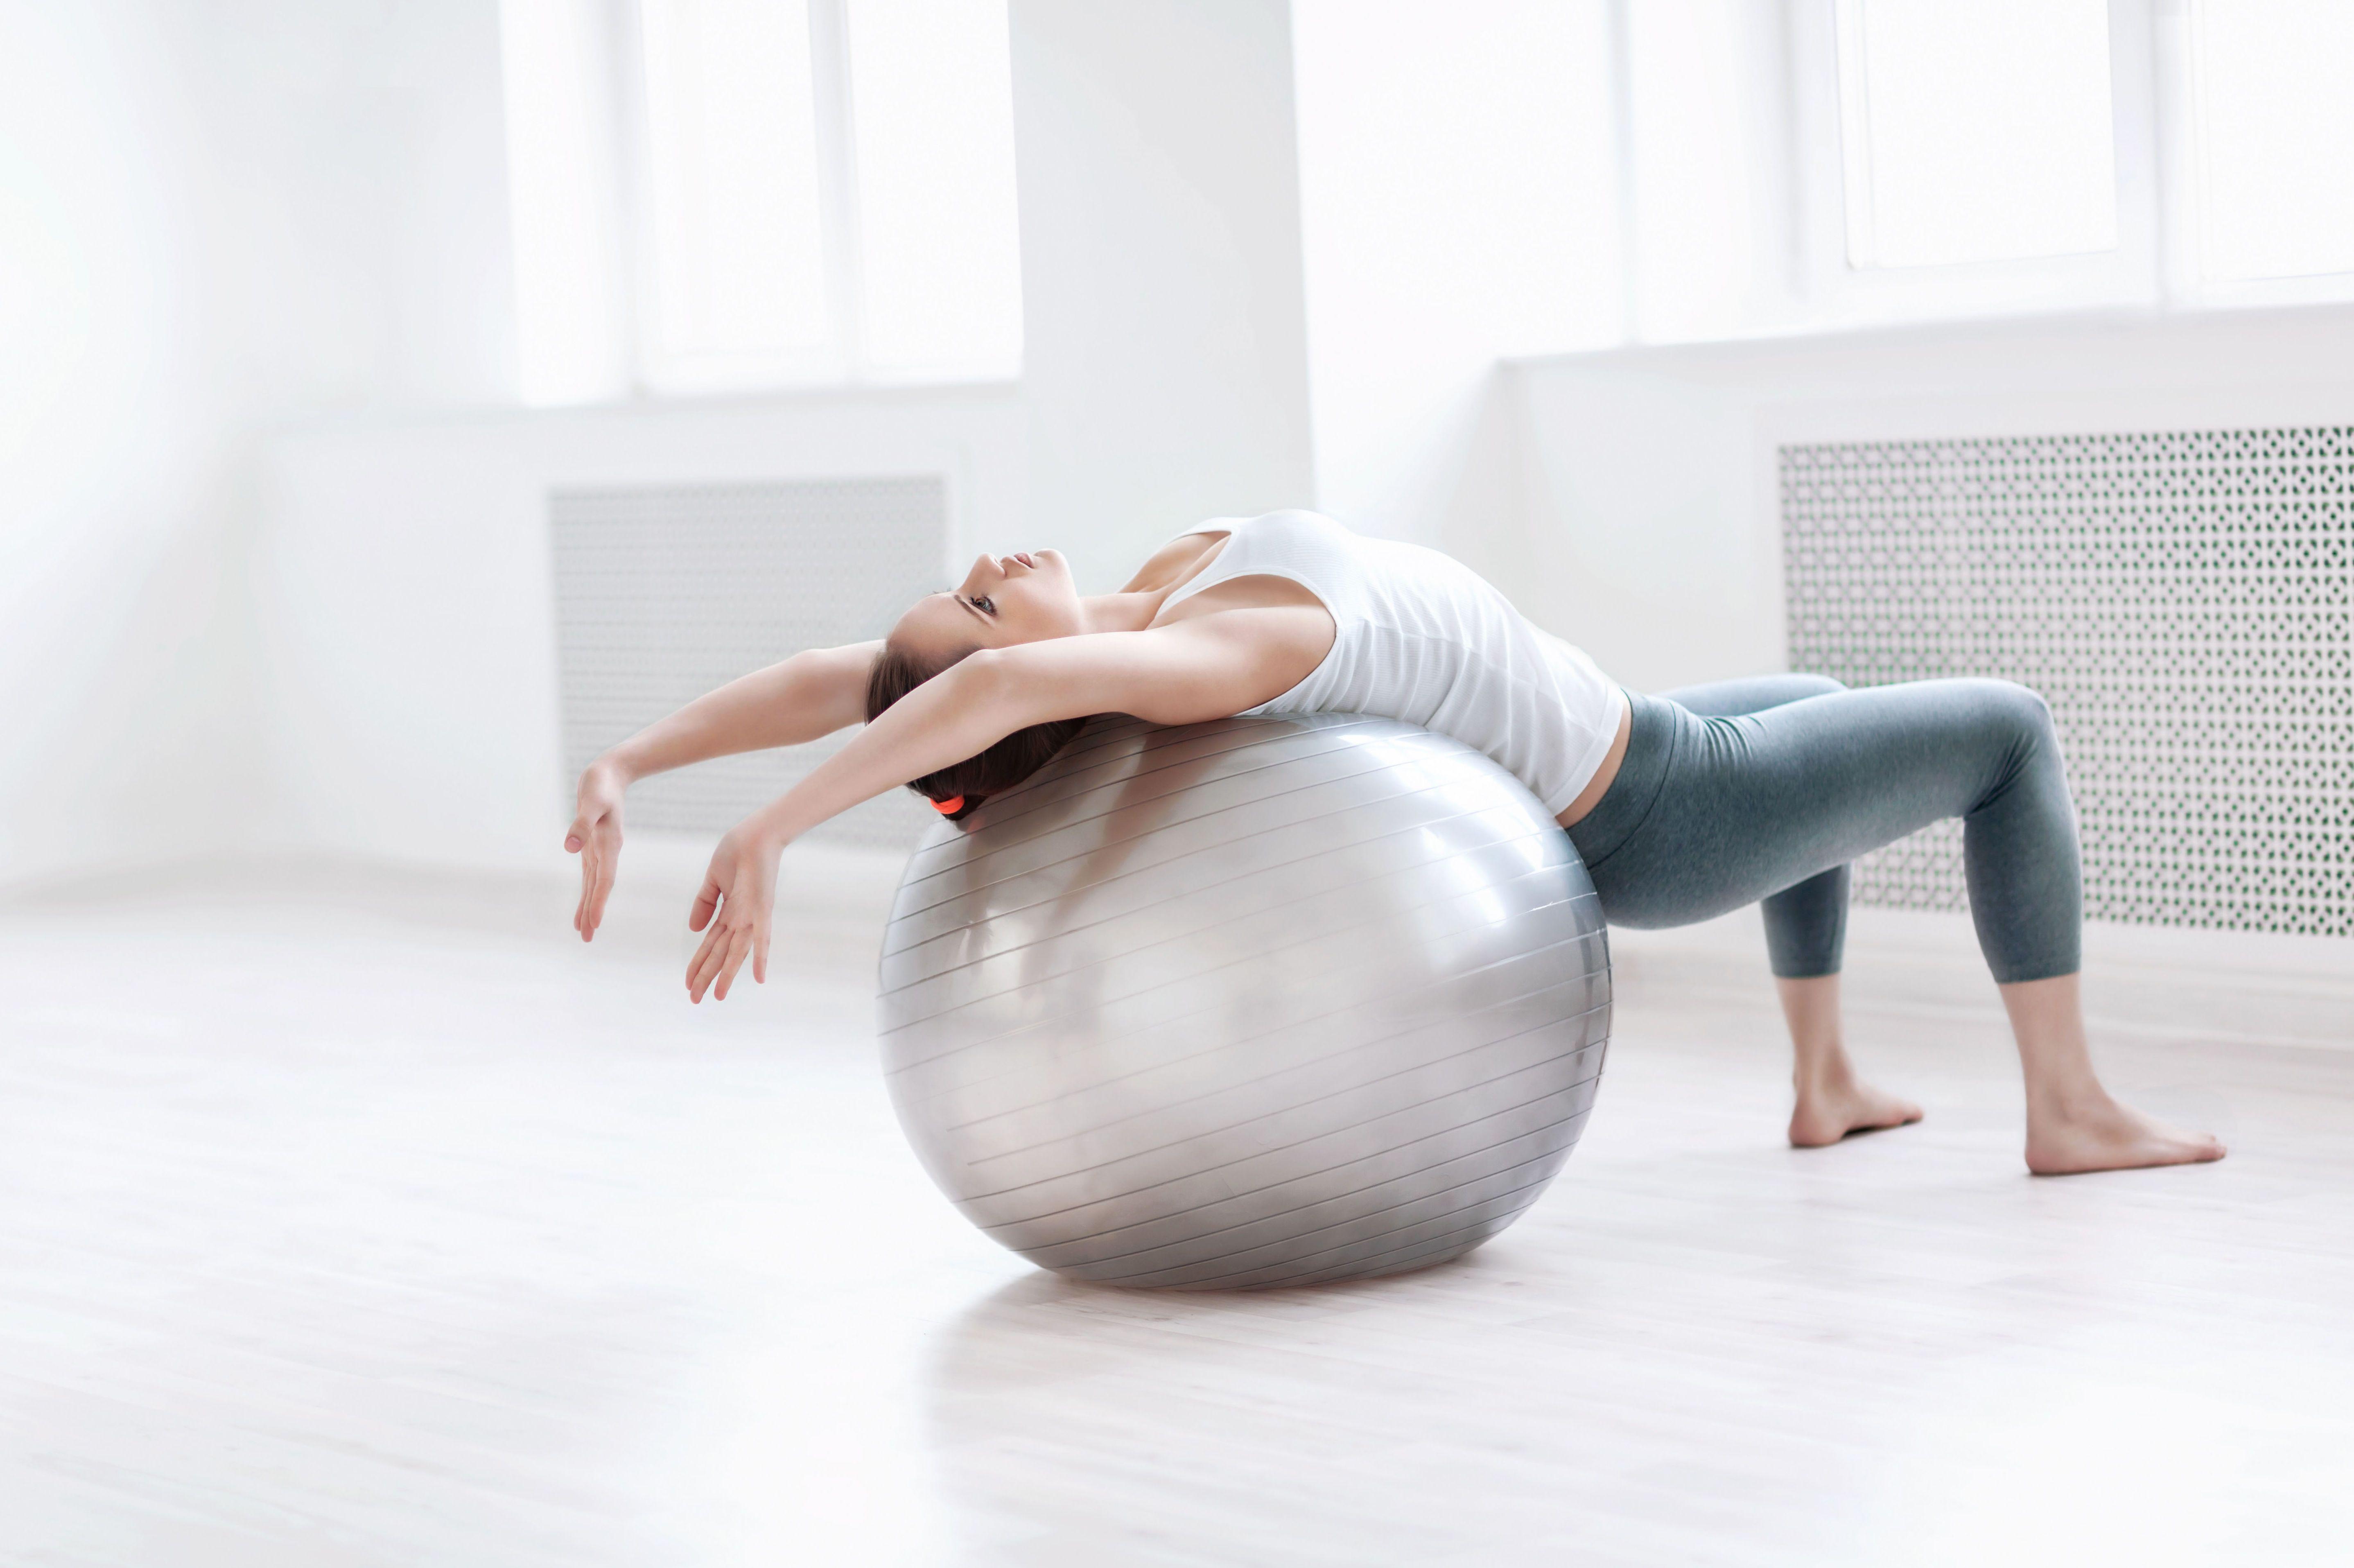 Clases de pilates en Mattaró para encontrar el equilibrio cuerpo mente